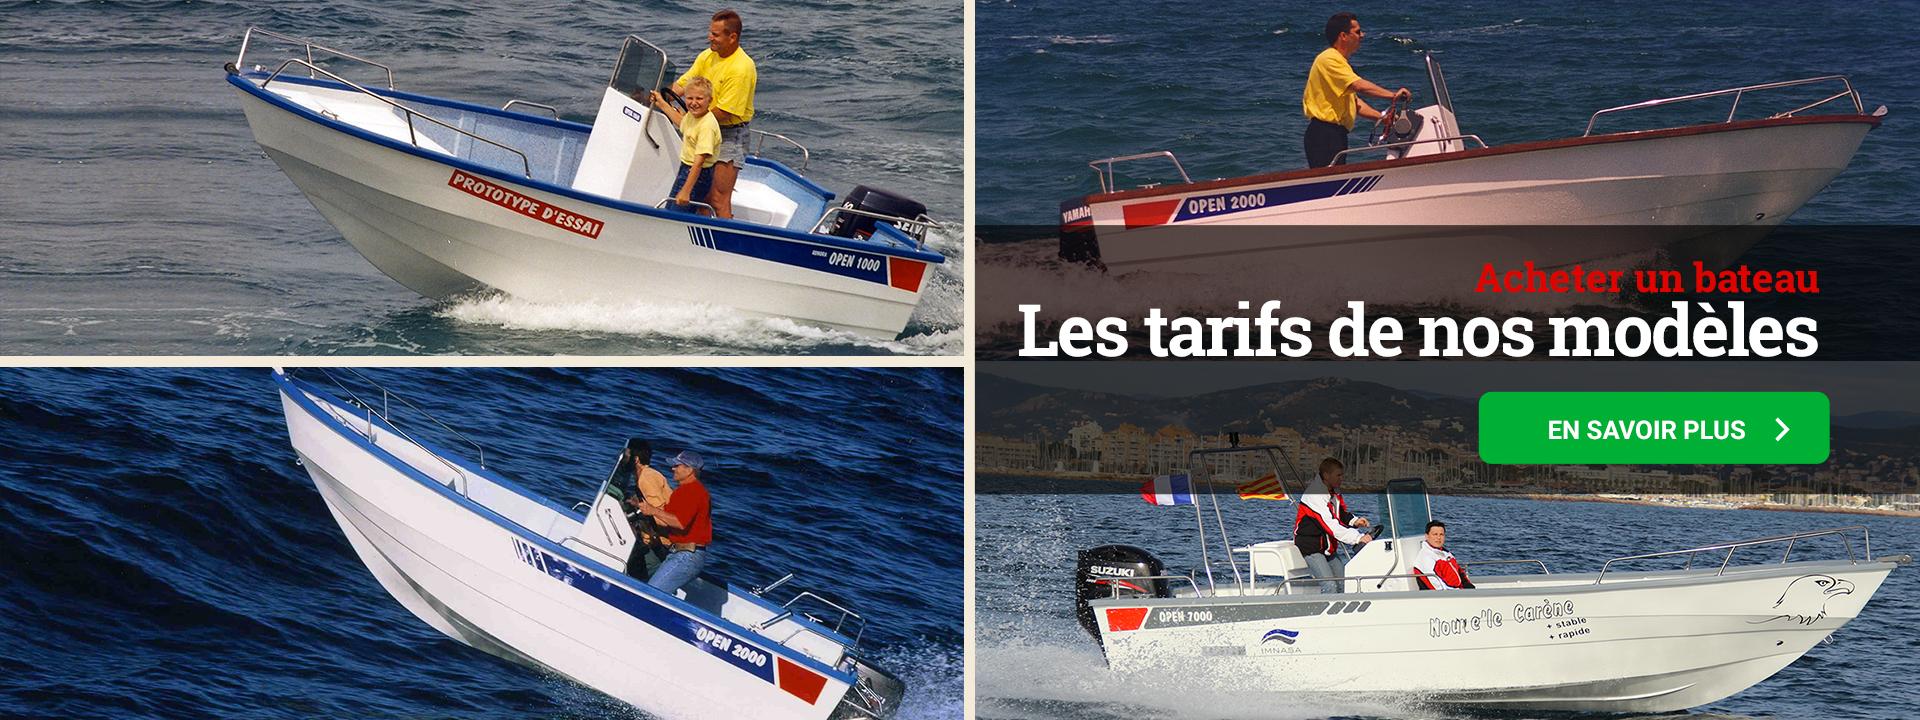 slide-pro2000-tarifs1